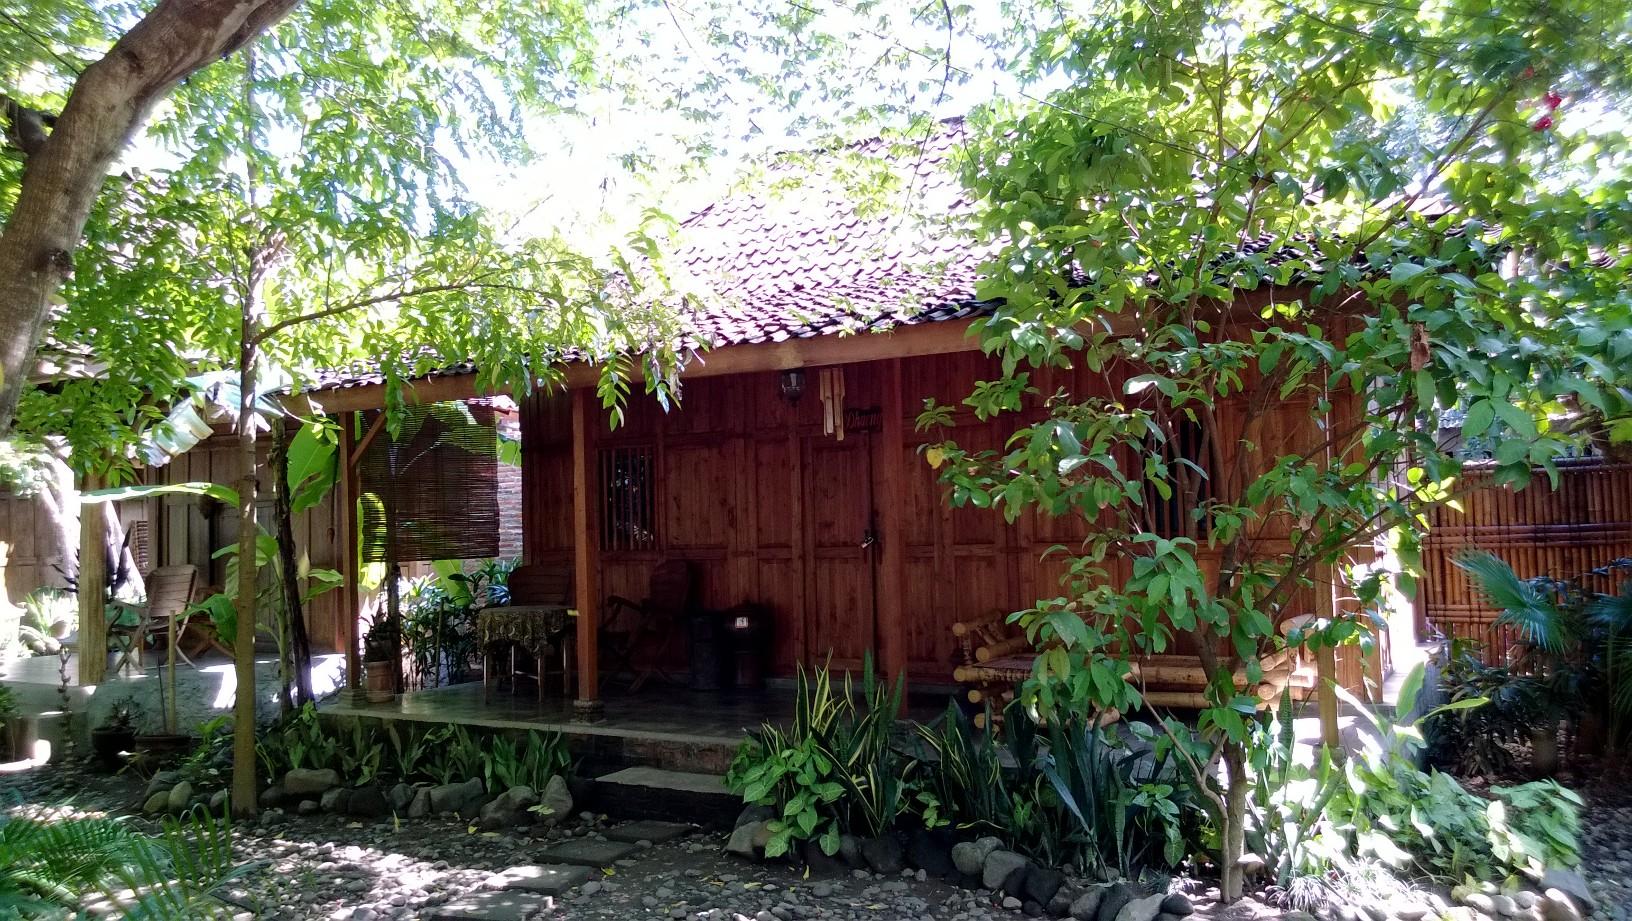 Salah Satu Homestay Desa Wisata Tembi Jogja - Foto:Anna Fardiana